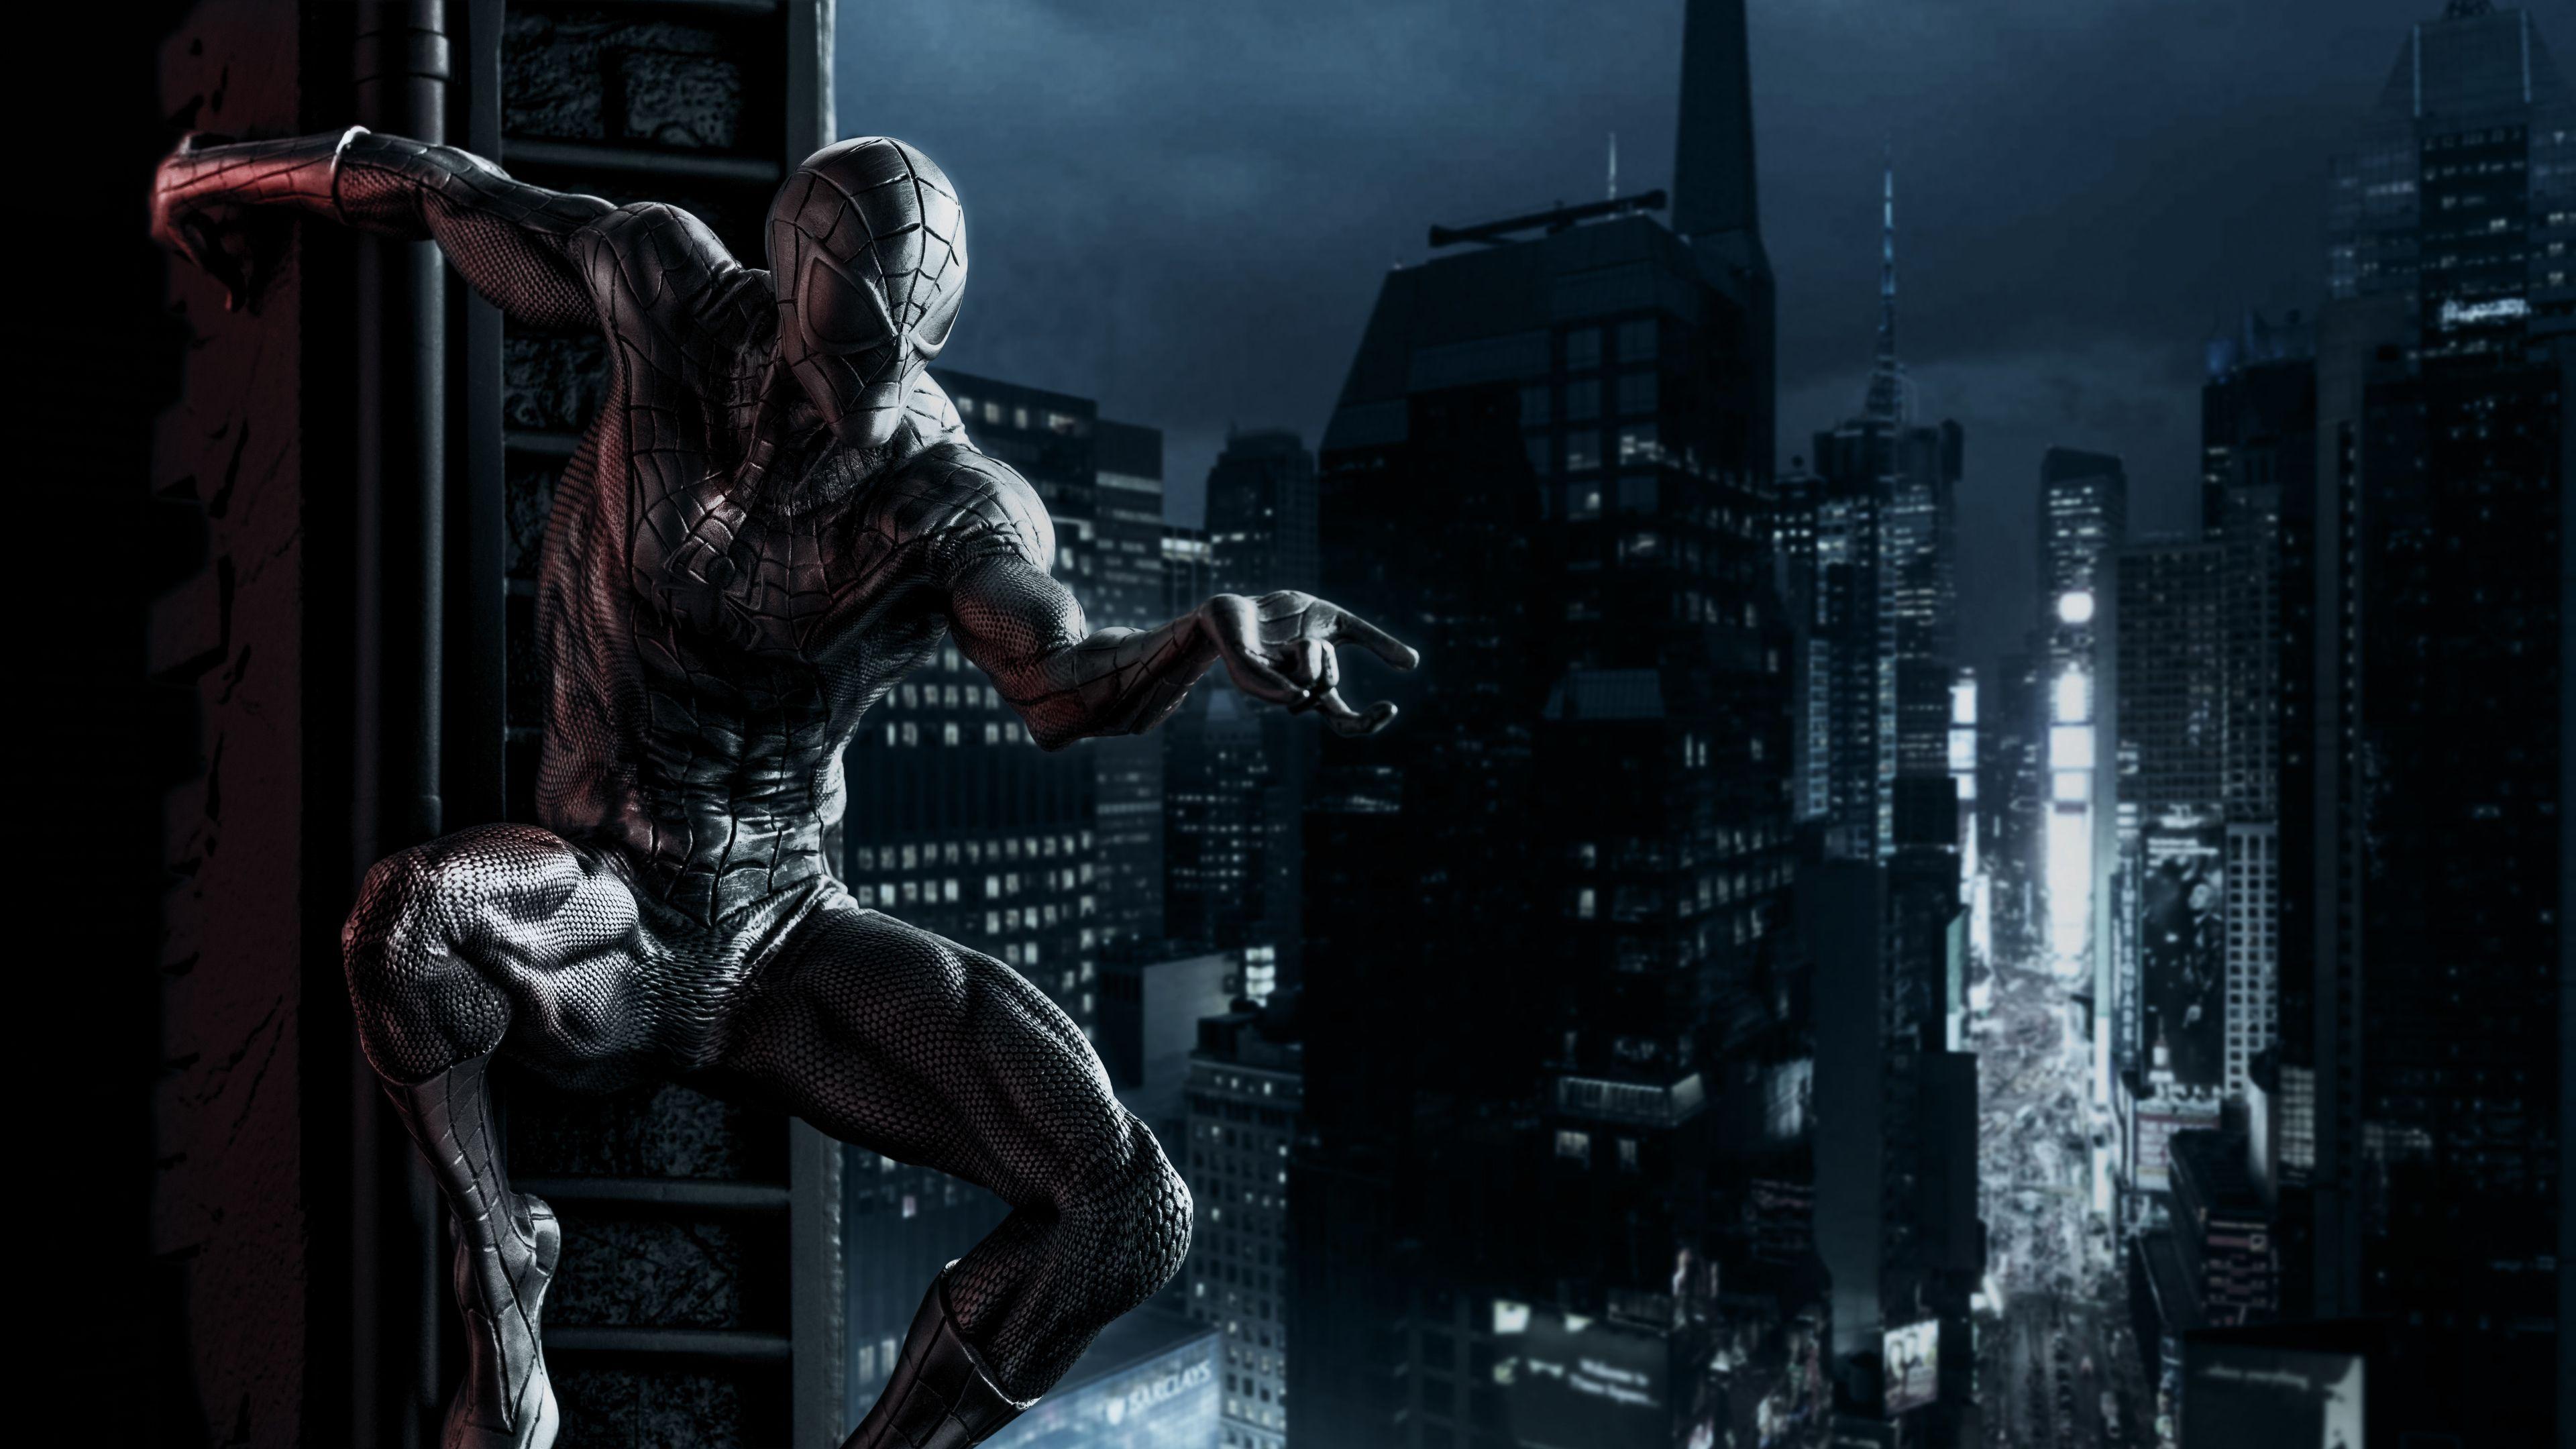 Black Spiderman 4k Superheroes Wallpapers Spiderman Wallpapers Hd Wallpapers Digital Art Wallpapers Artwork Wallpap Black Spiderman Spiderman Art Wallpaper